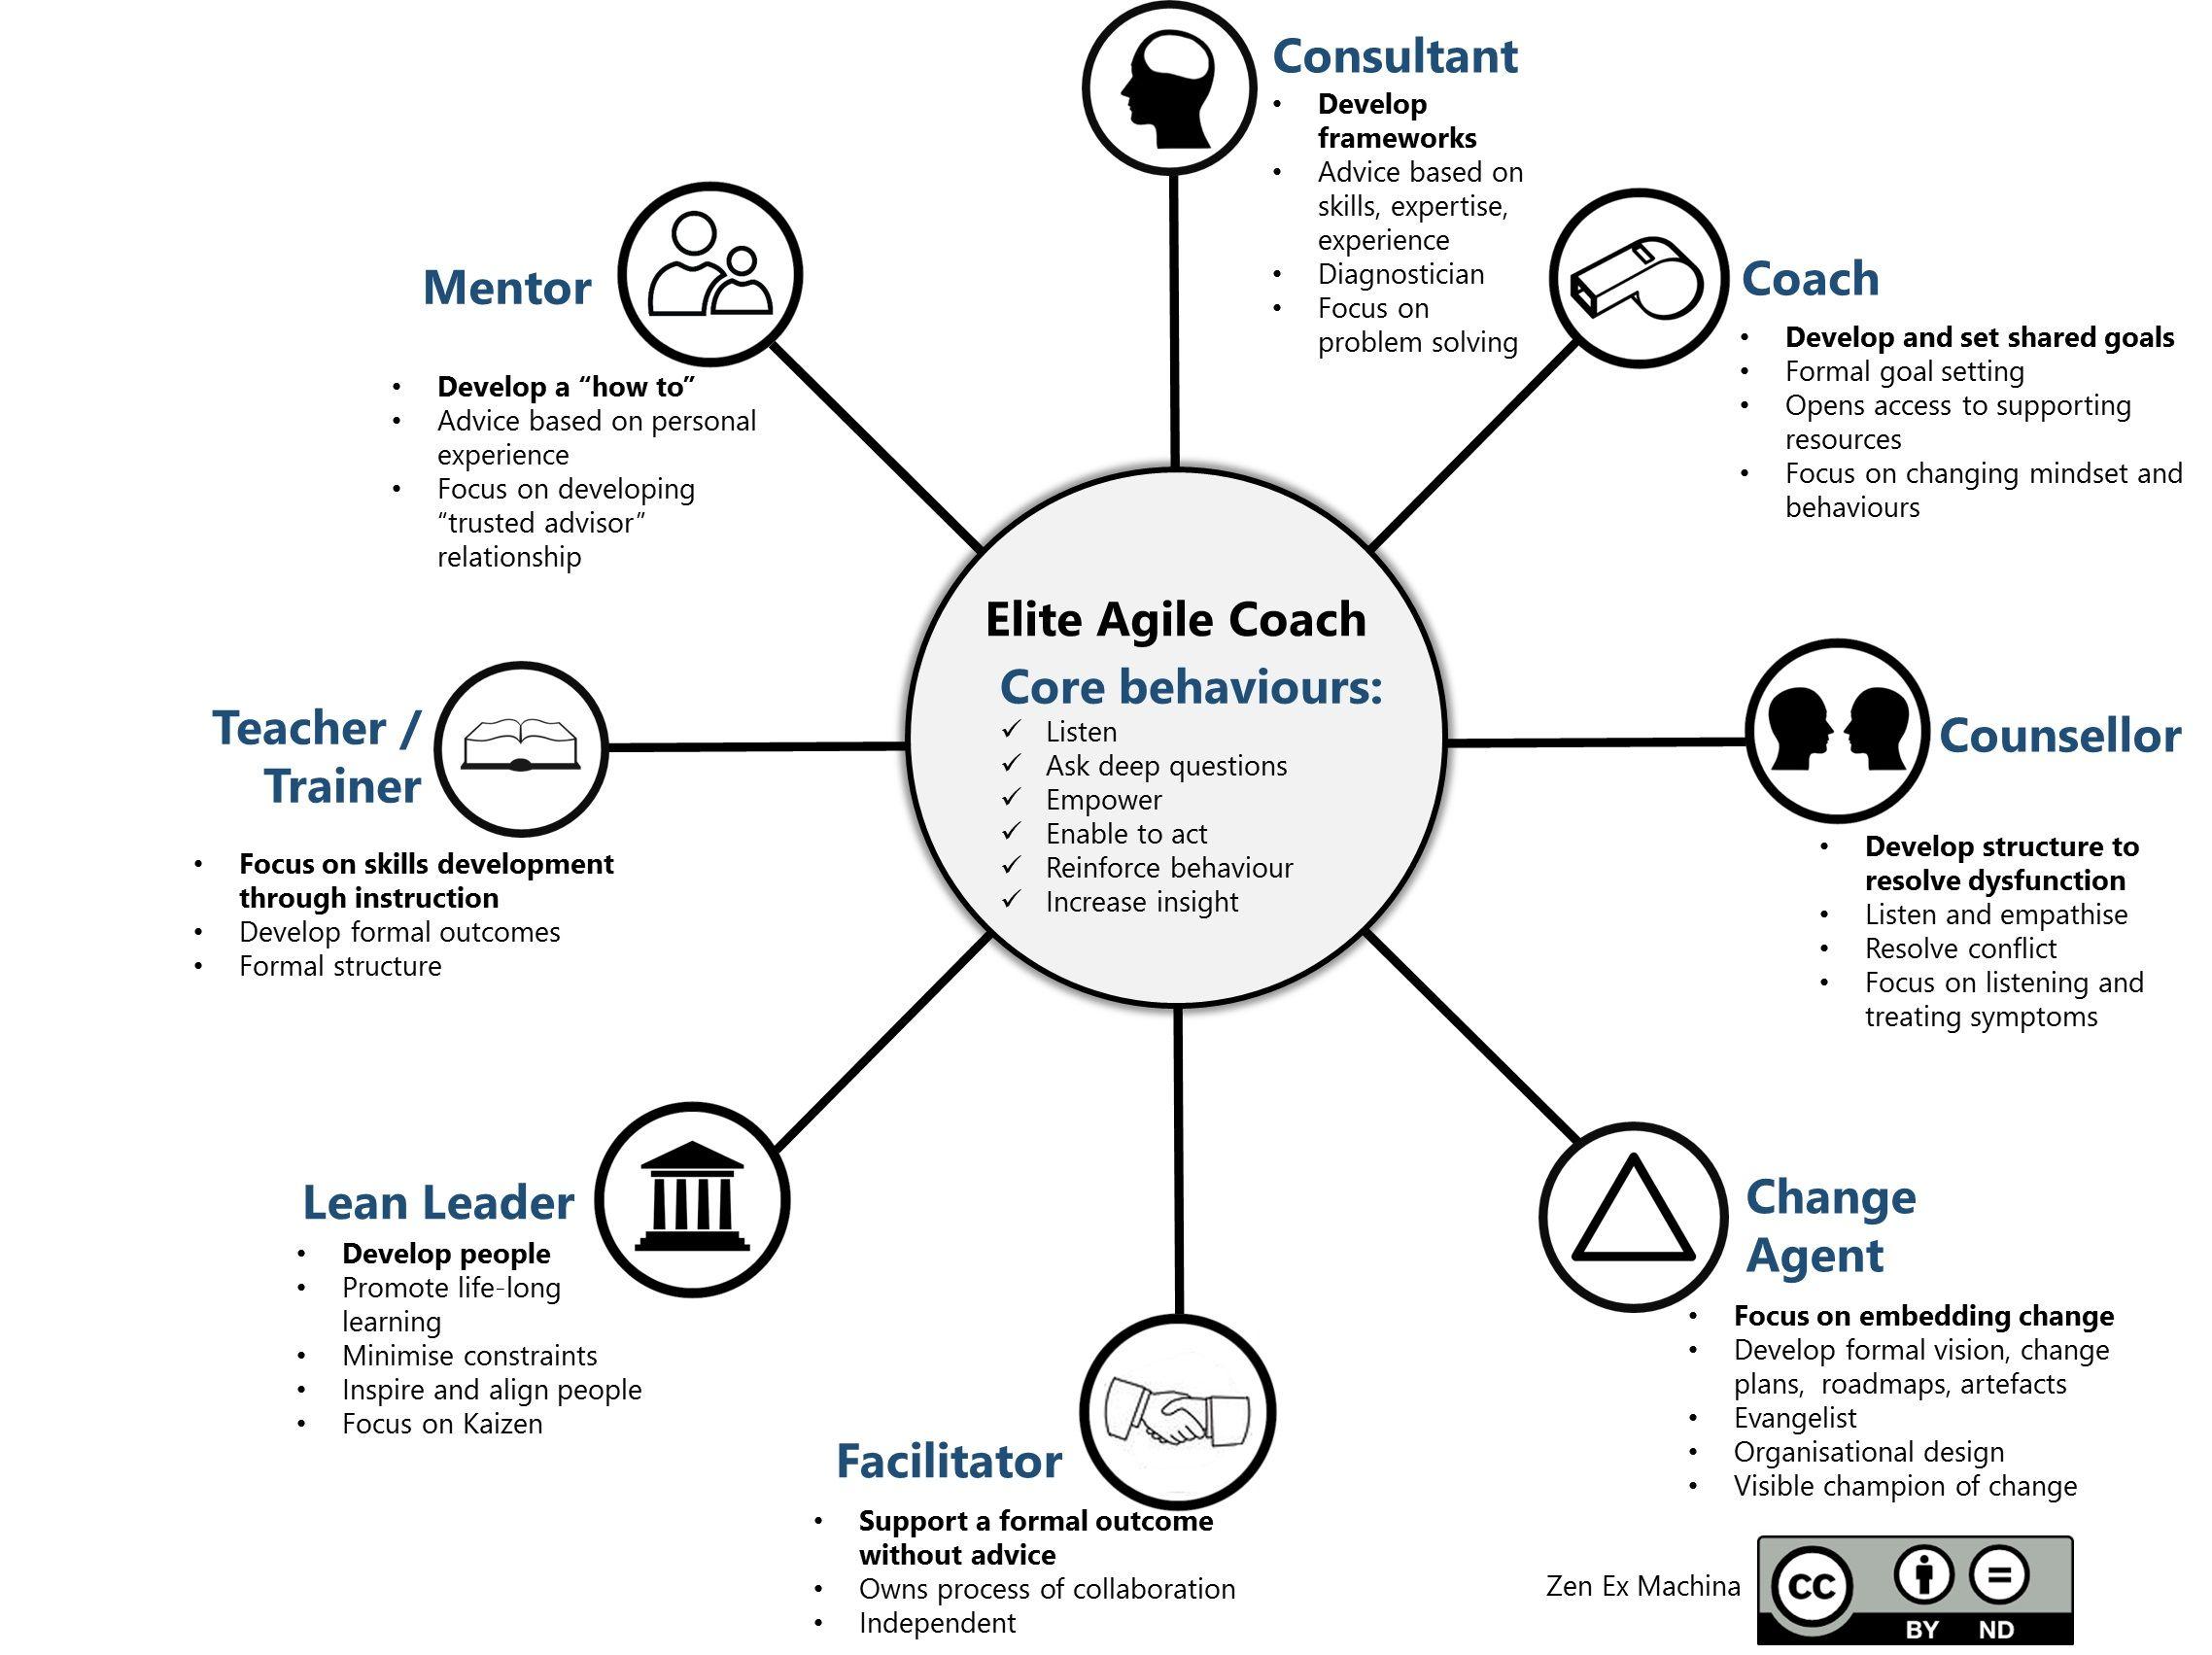 The Elite Agile Coach